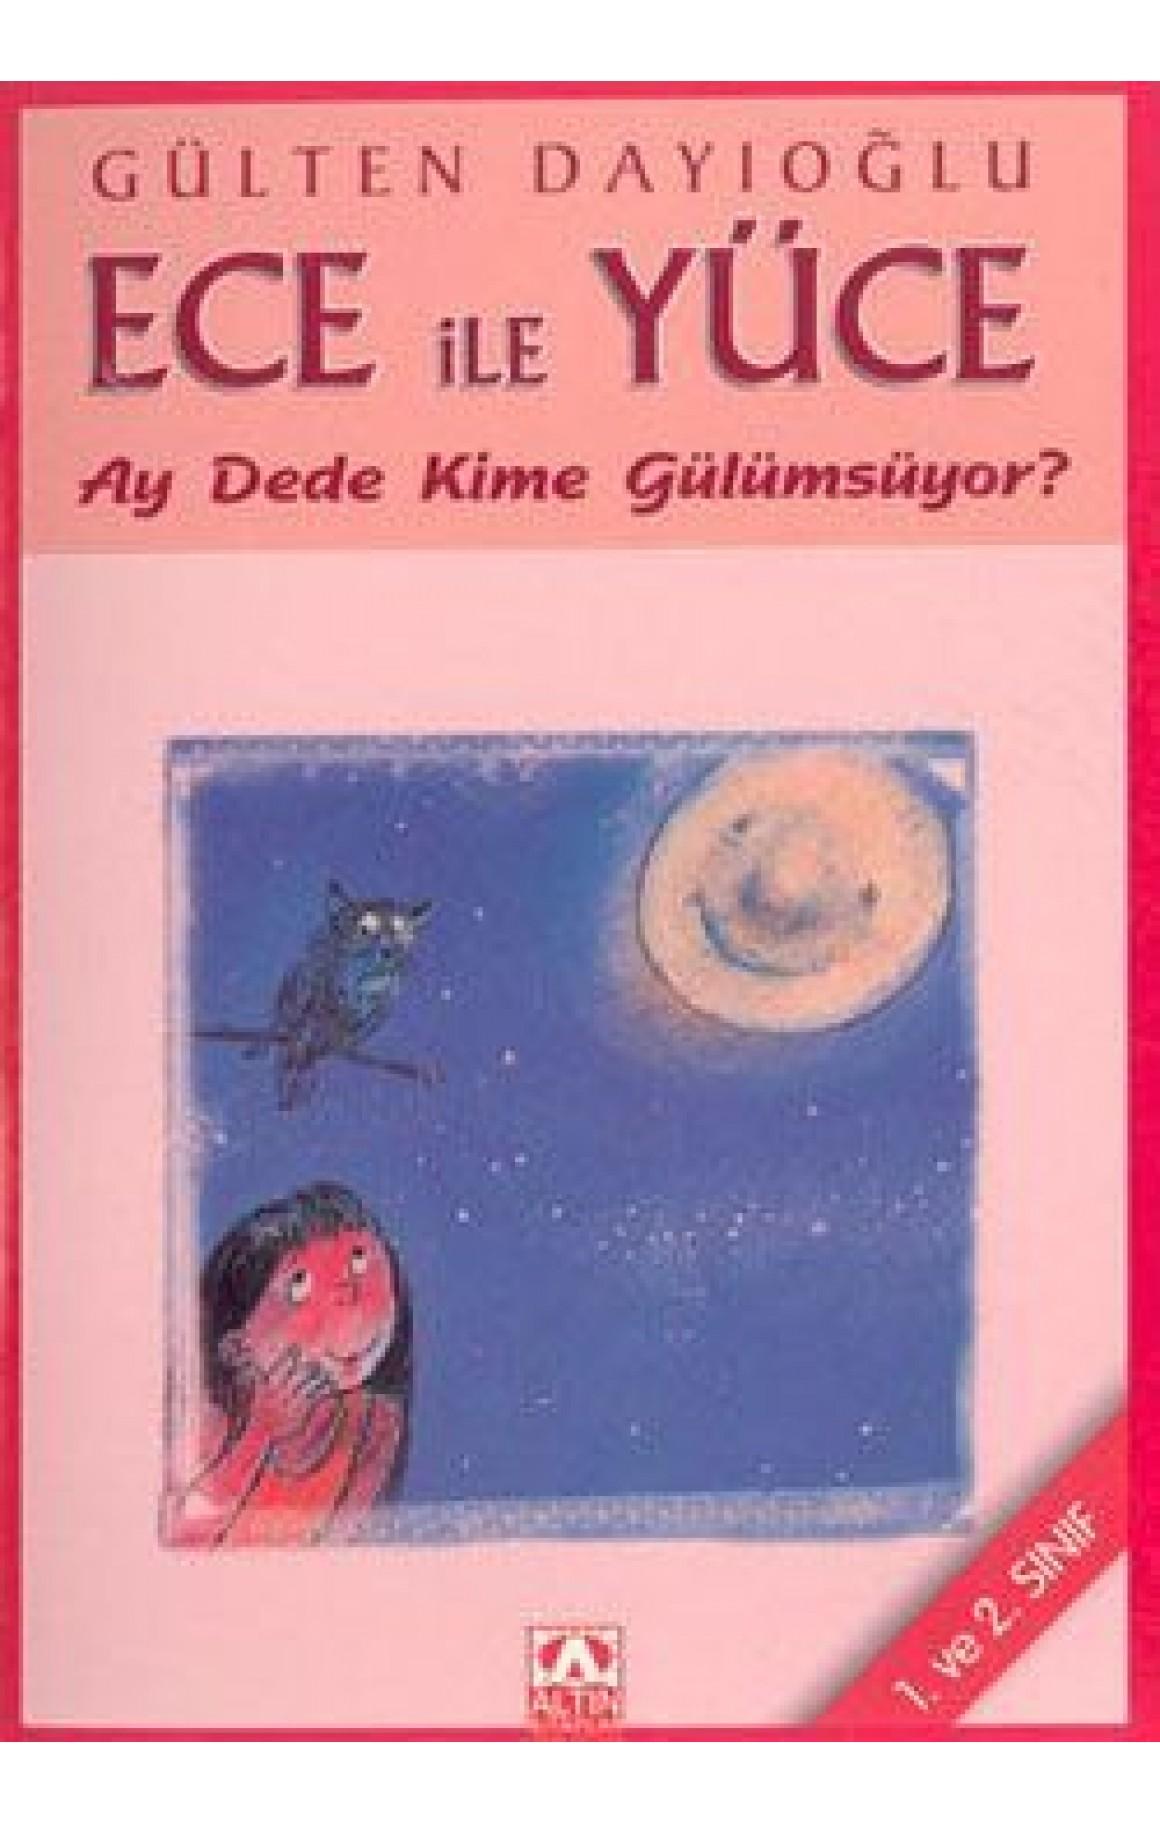 Ece ile Yüce-Ay Dede Kime Gülümsüyor?